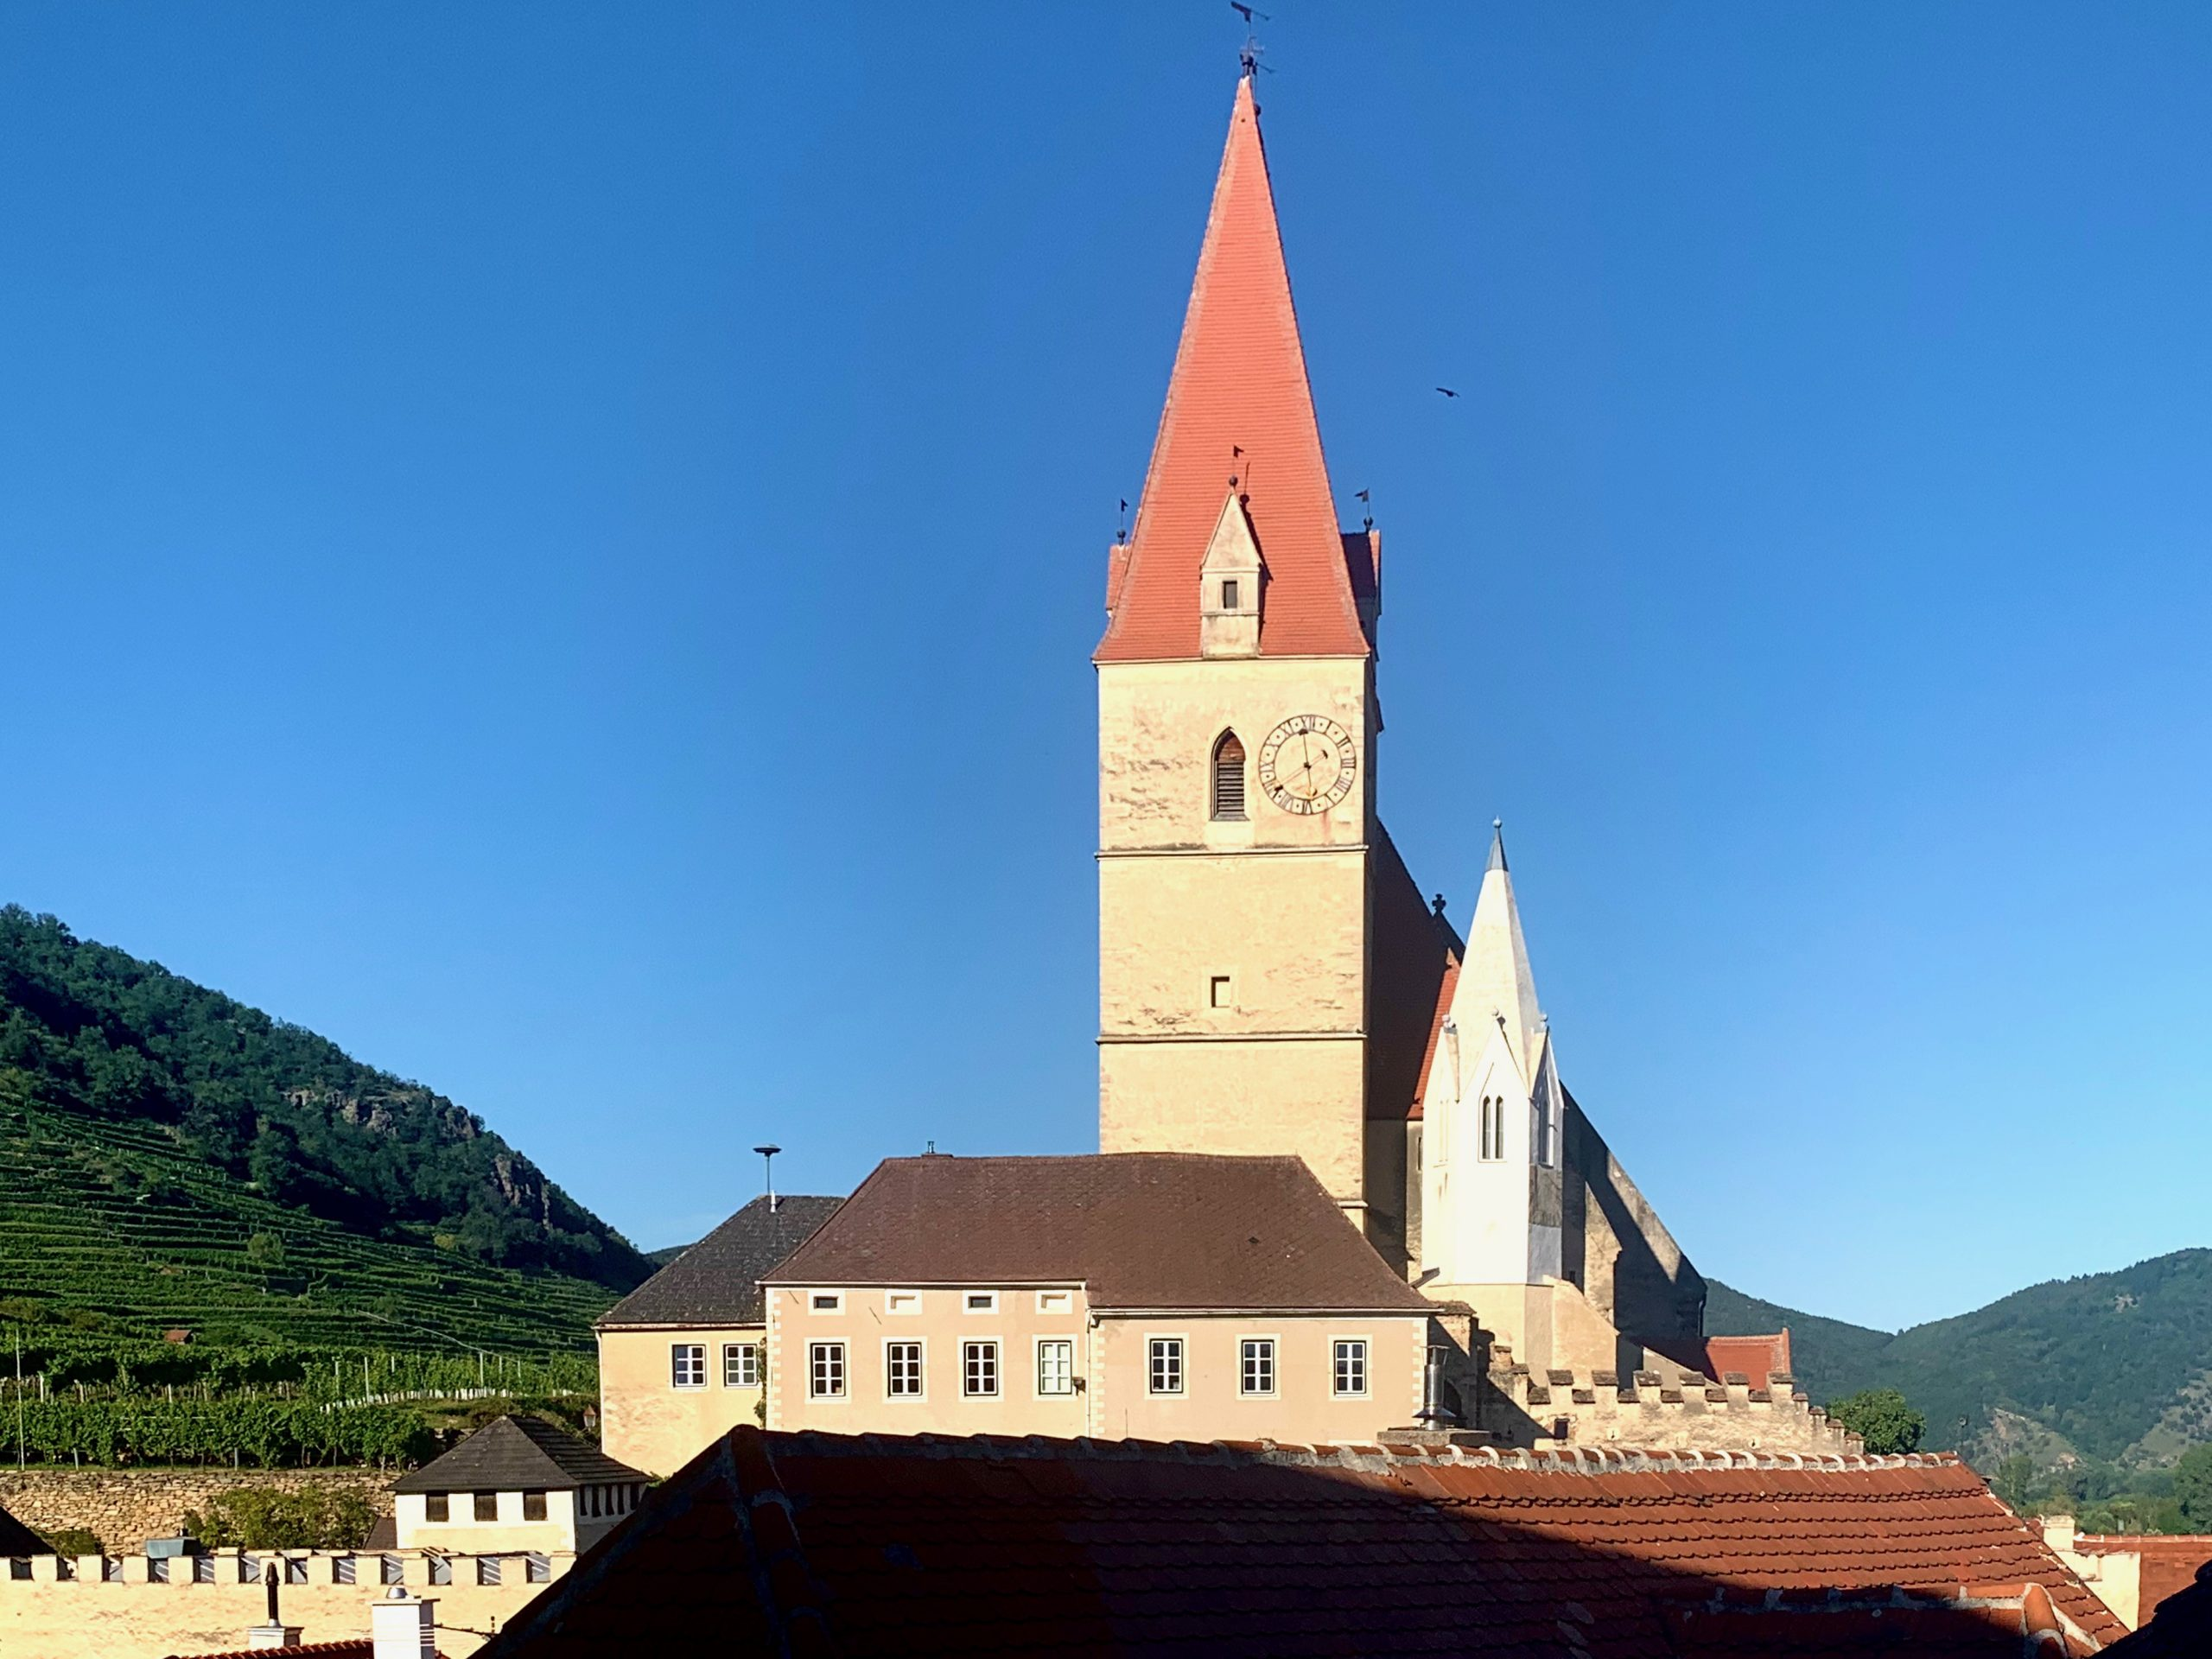 Pfarrkirche Weißenkirchen